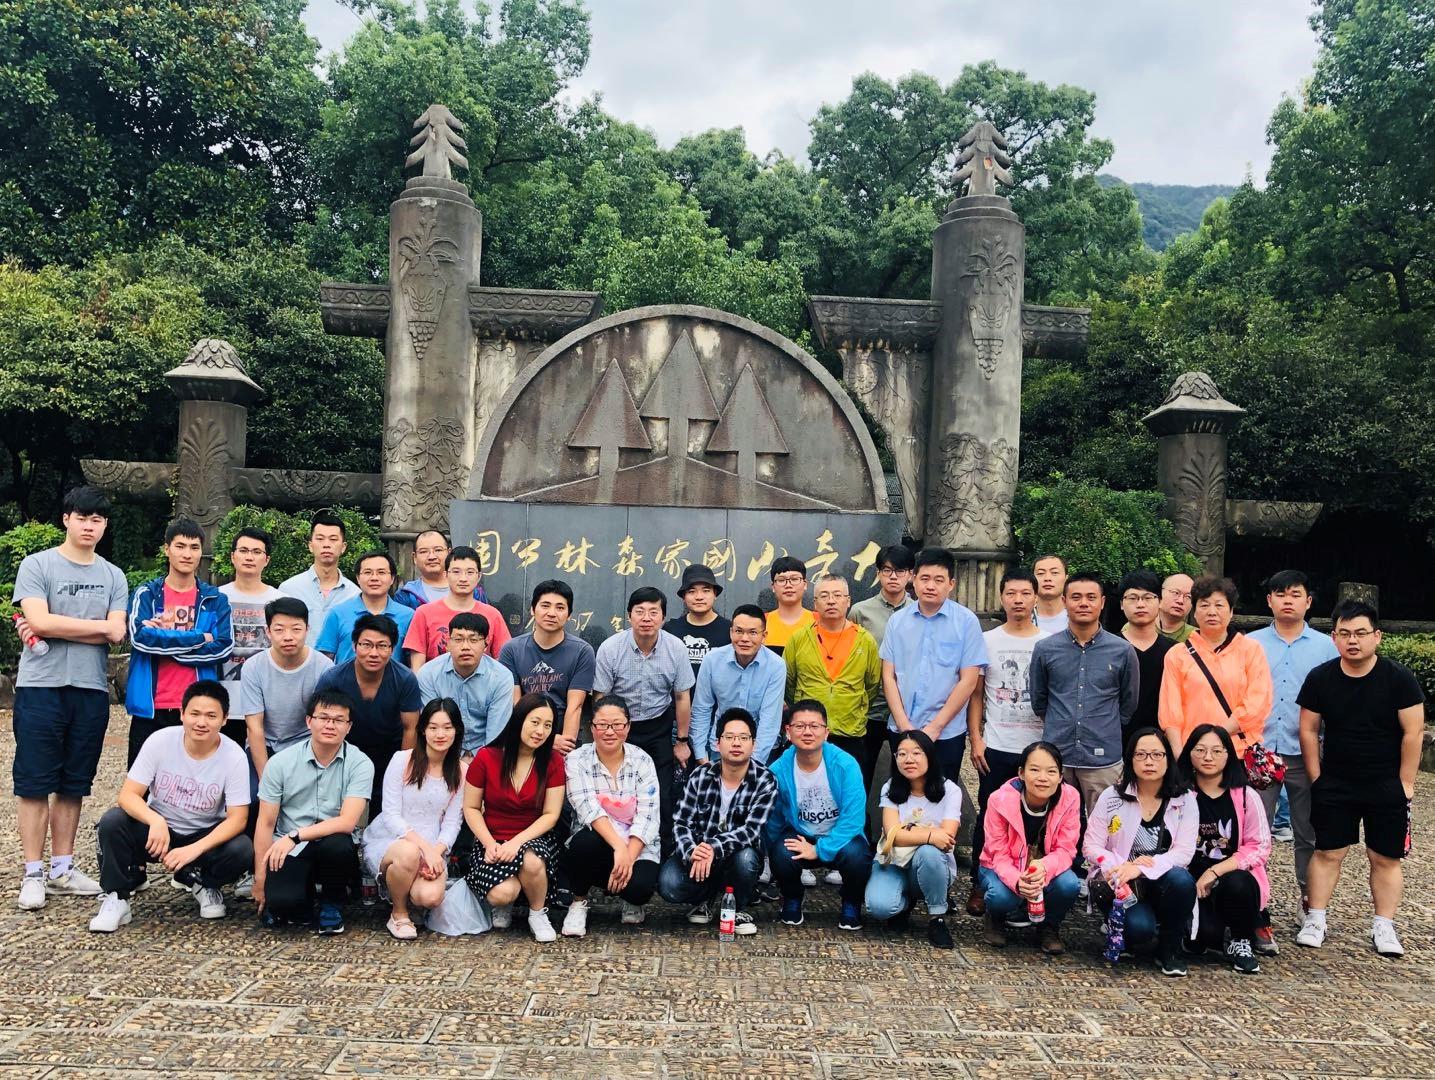 中安科技技术部2019年秋游(2019/09/10)